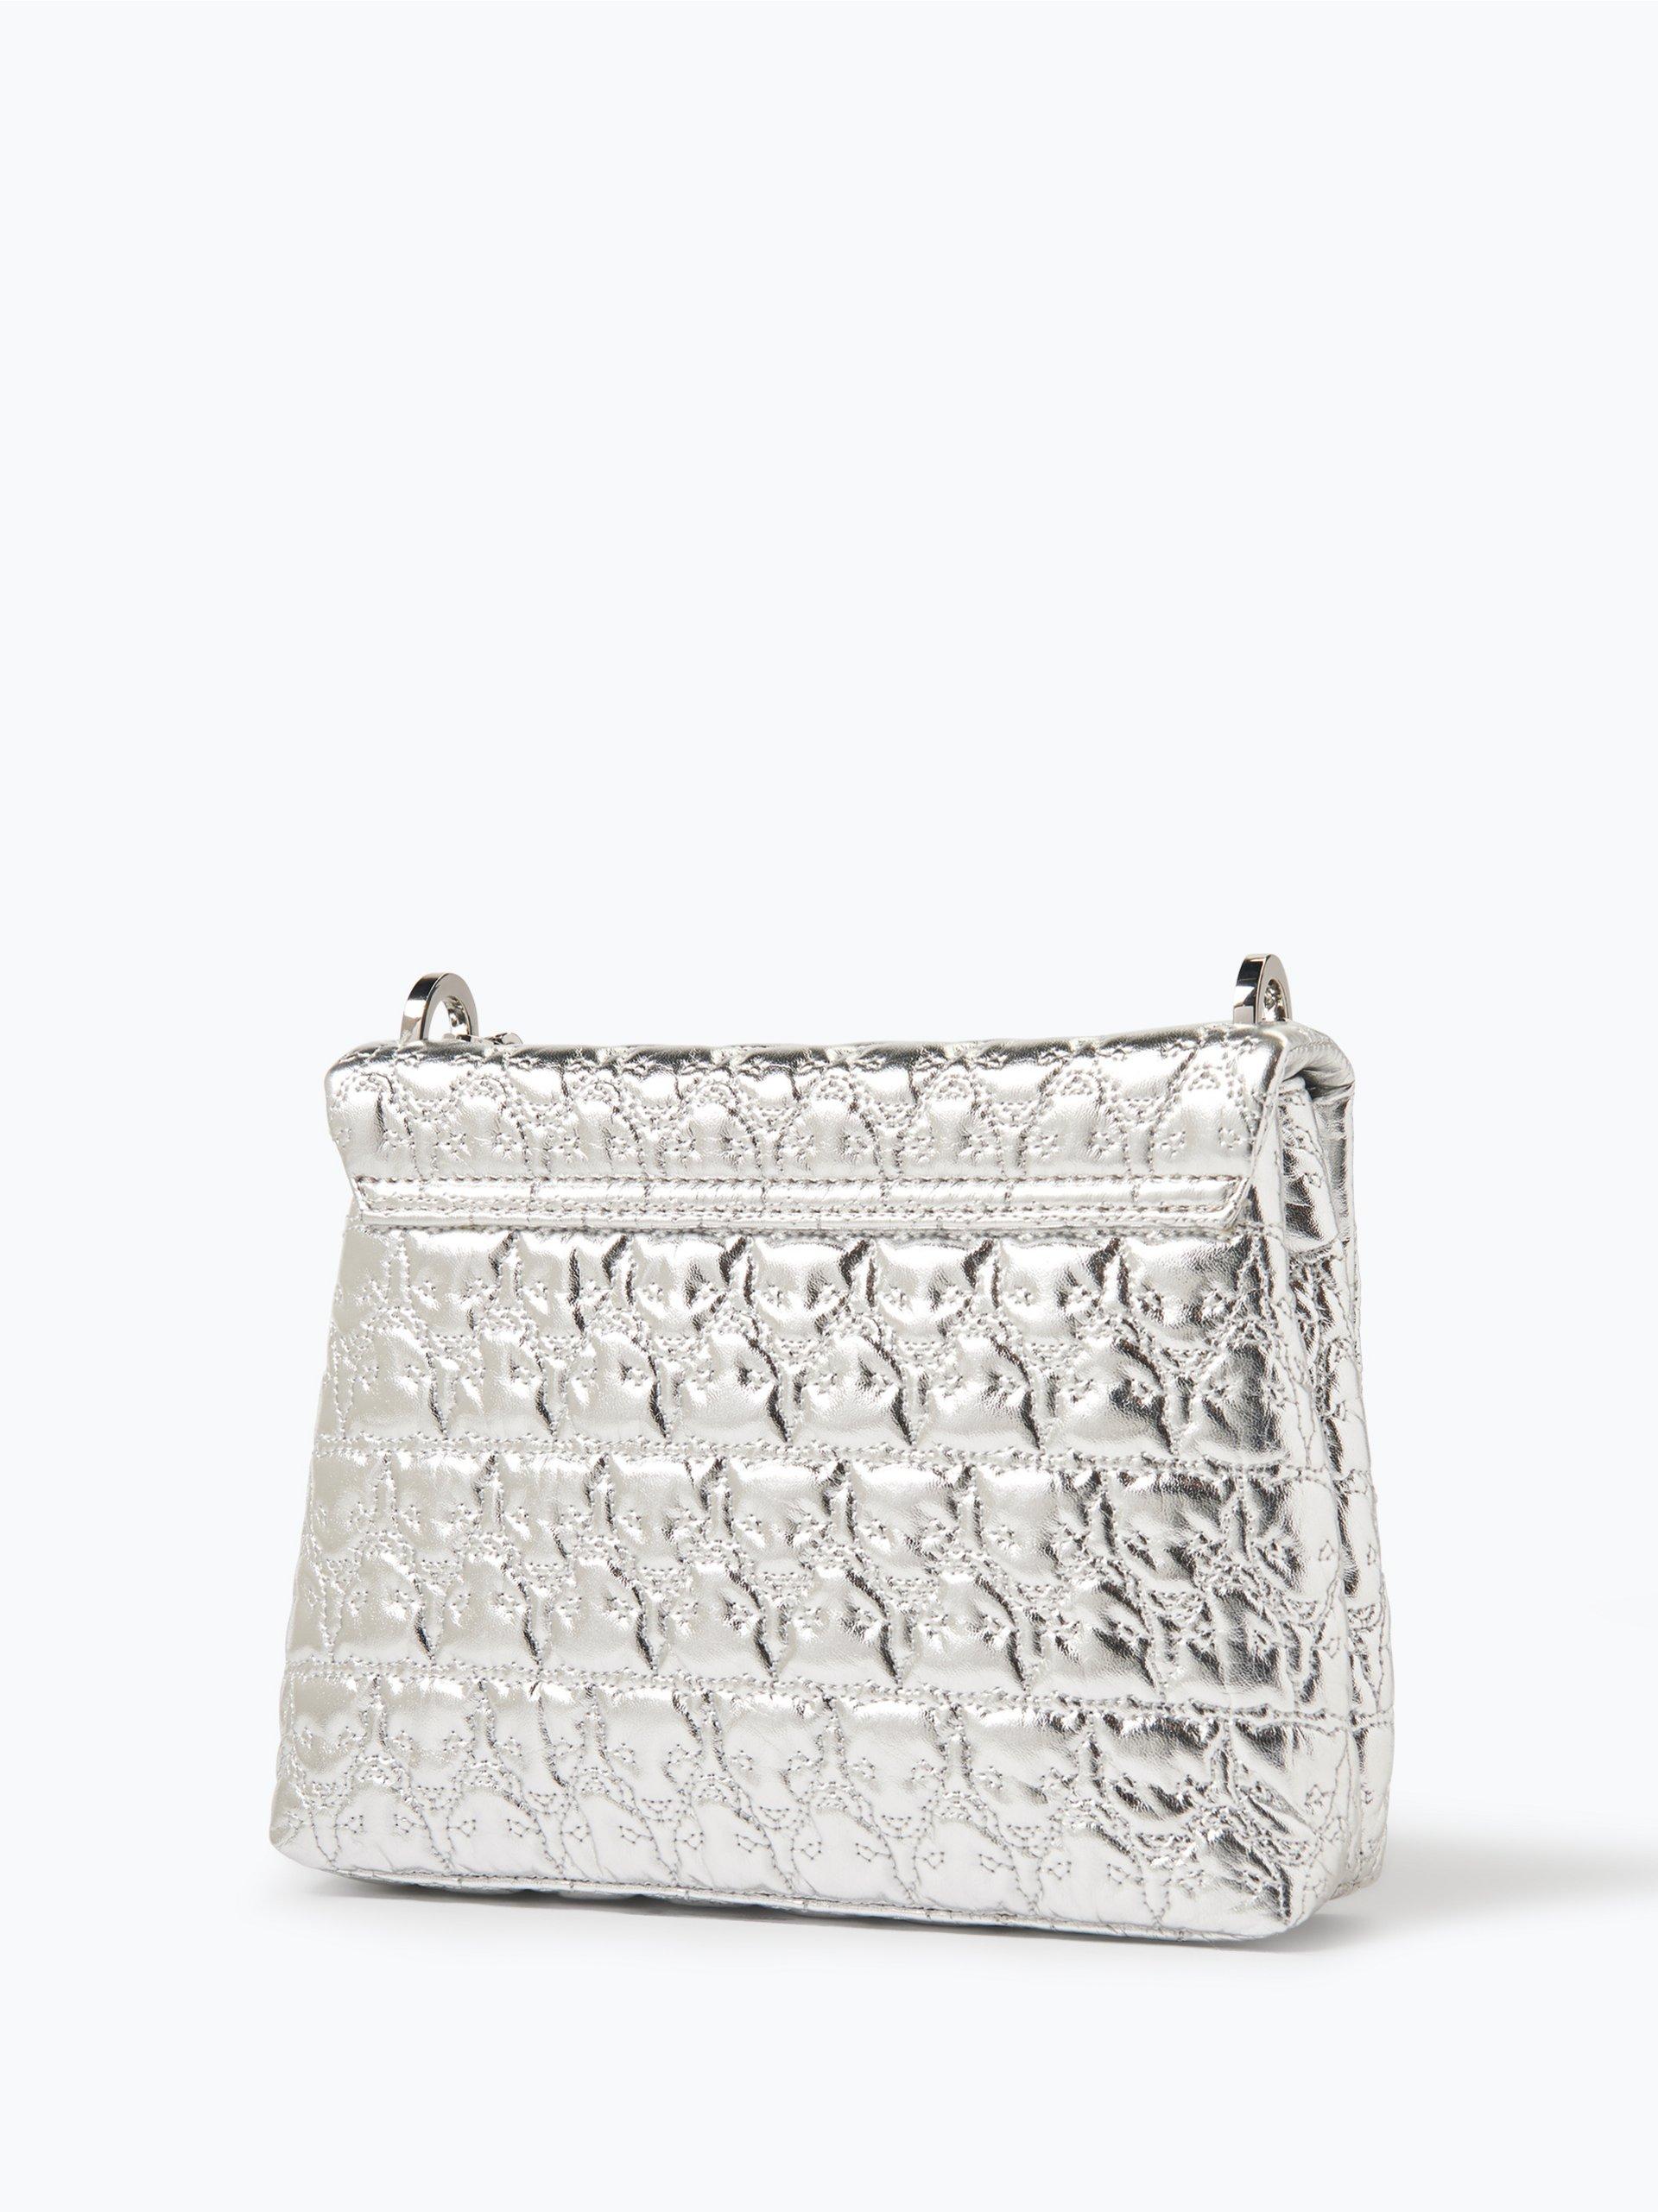 marc cain bags shoes damen handtasche in leder optik silber uni online kaufen vangraaf com. Black Bedroom Furniture Sets. Home Design Ideas